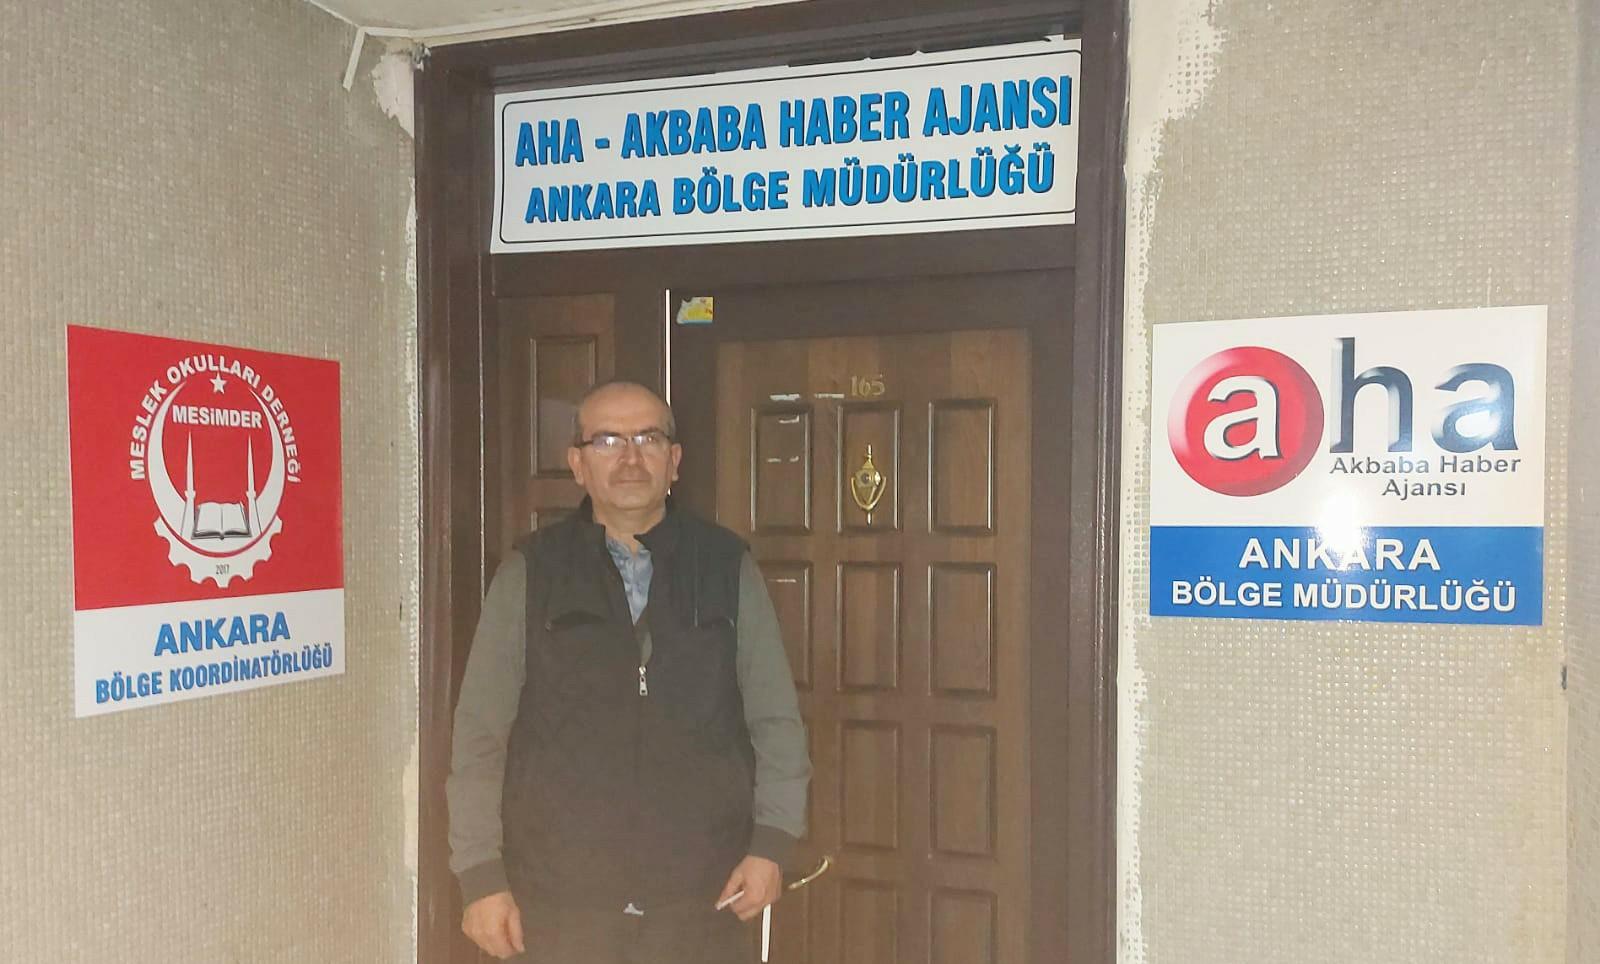 Akbaba Haber Ajansı Ankara bölge müdürlüğünü kendi mülkünde kapılarını açtı